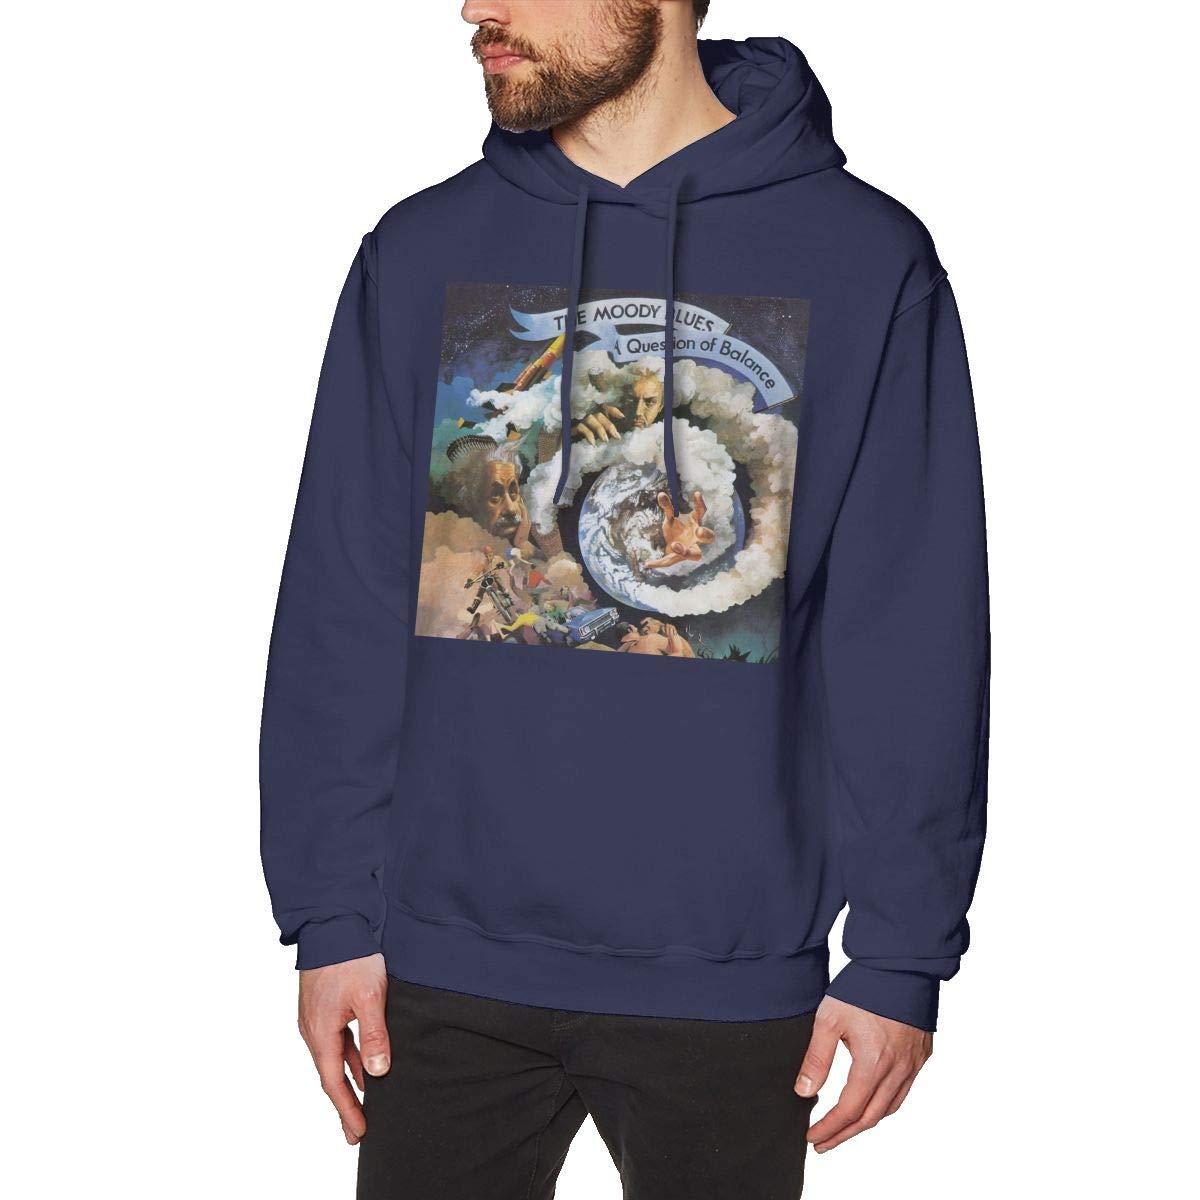 Mooy Mens Design The Weekend Hoodies Navy